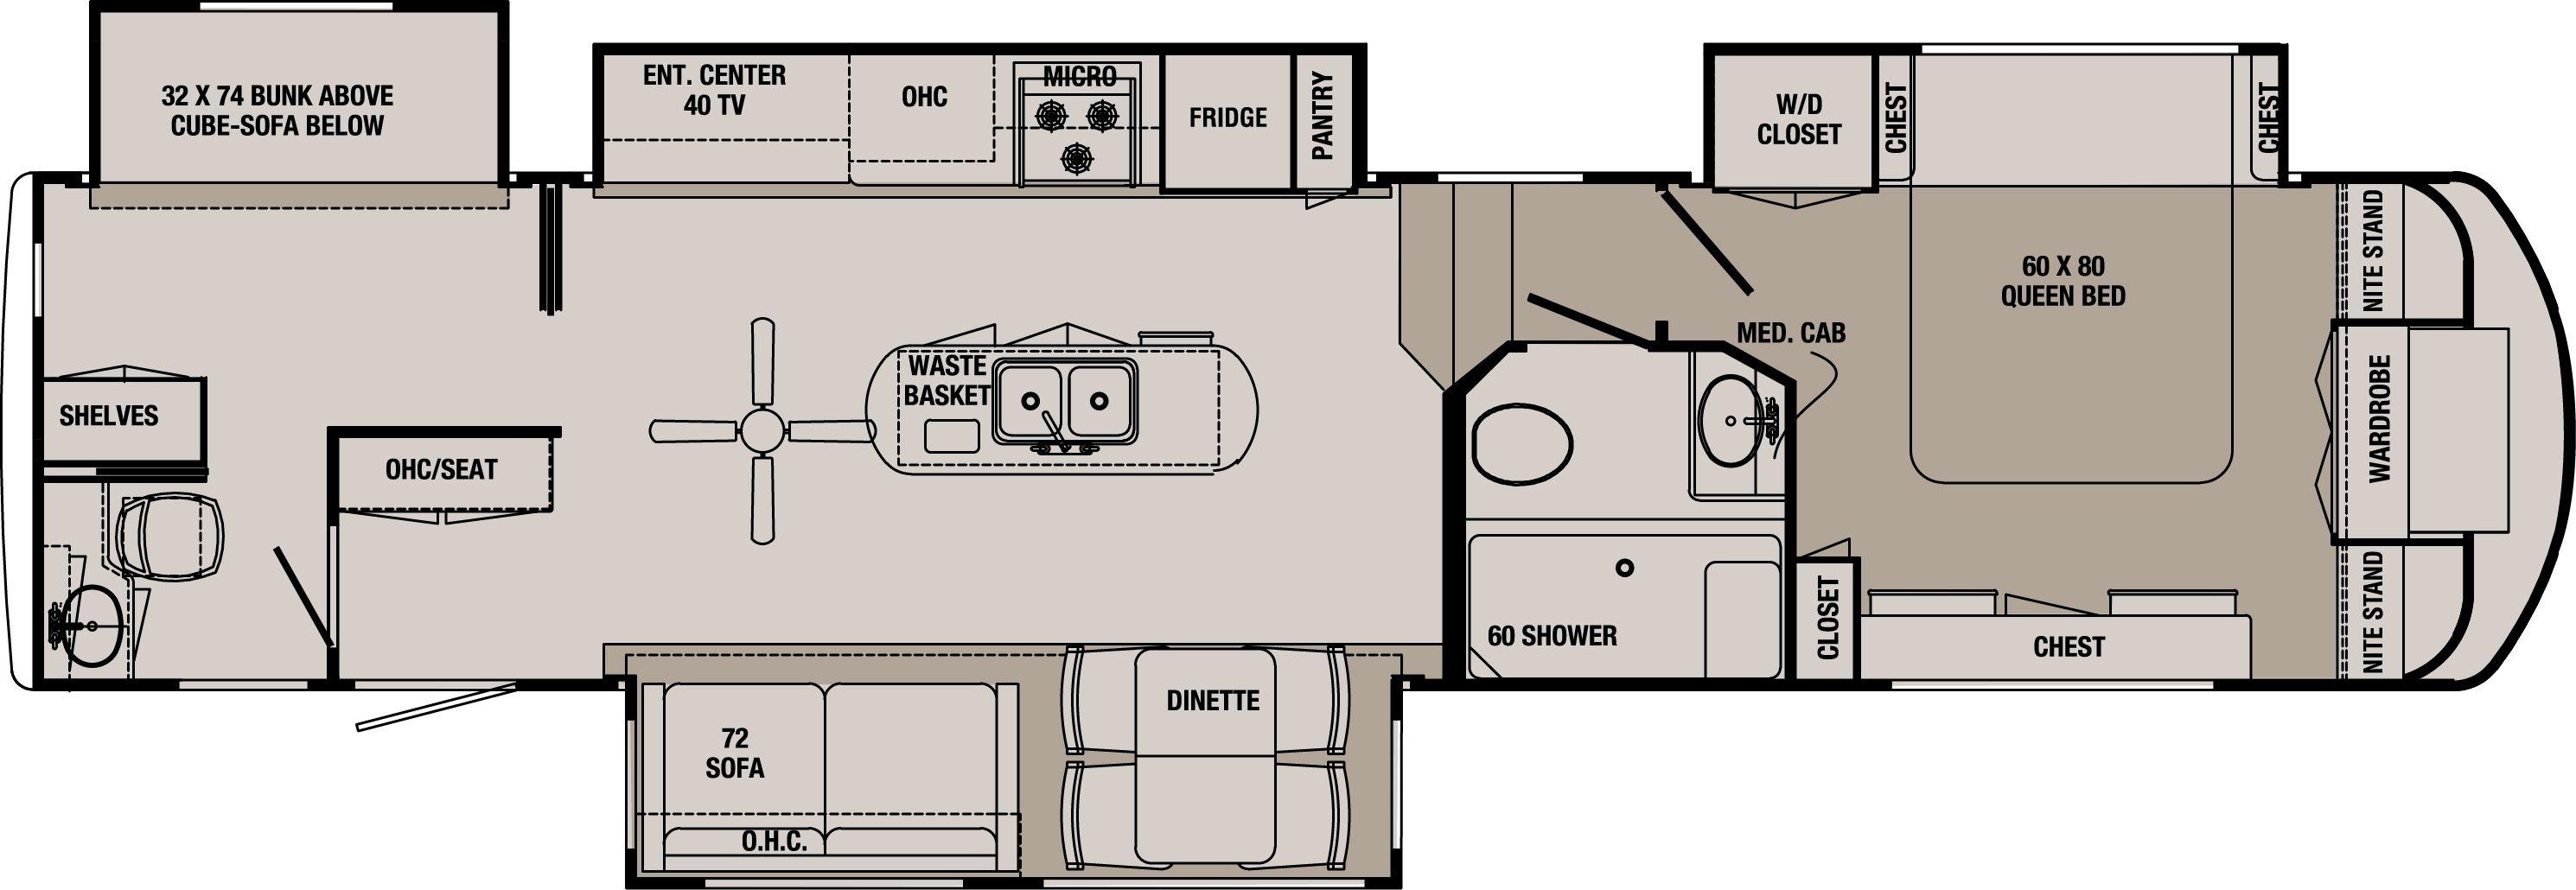 2 Bedroom Class A Rv Floor Plans Rv Floor Plans Travel Trailer Floor Plans Fifth Wheel Campers